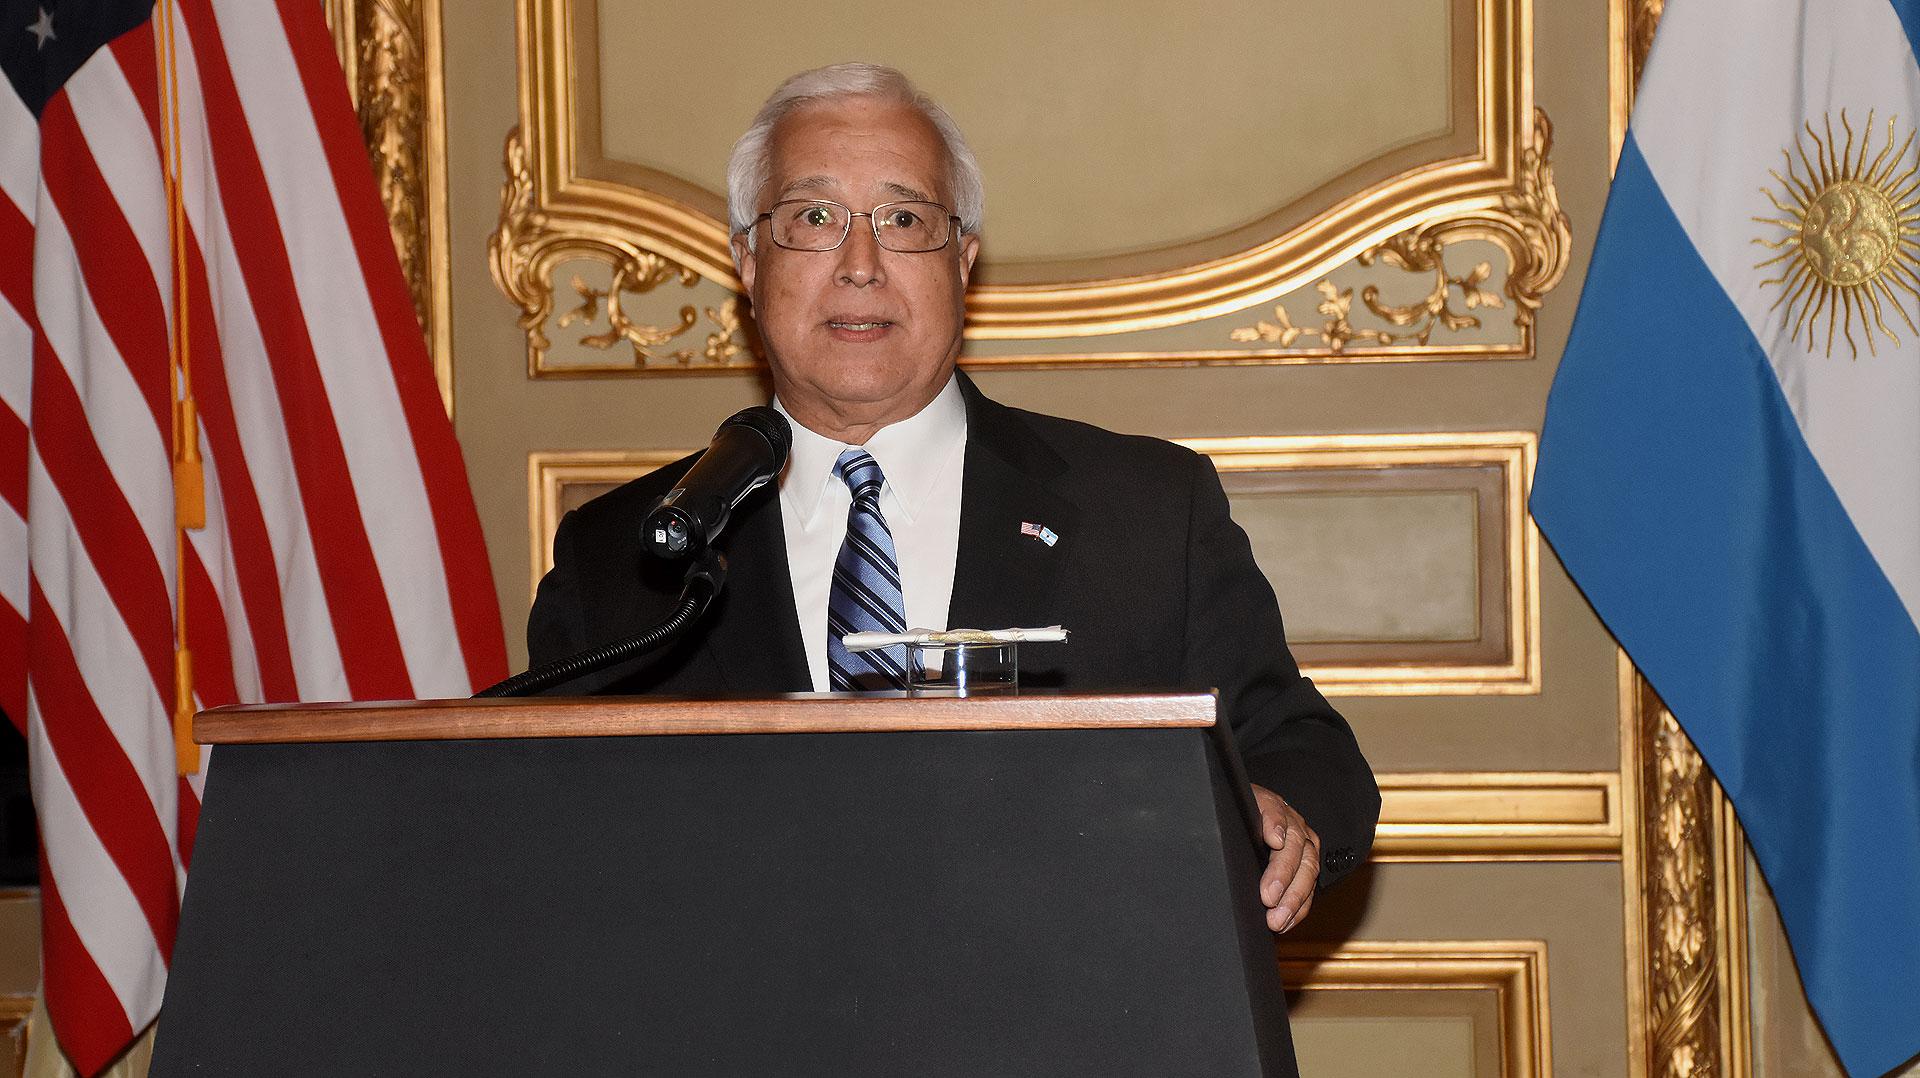 El discurso del embajador de los Estados Unidos en la Argentina, Edward Prado, durante la recepción que se llevó a cabo en su honor en el Palacio Bosch